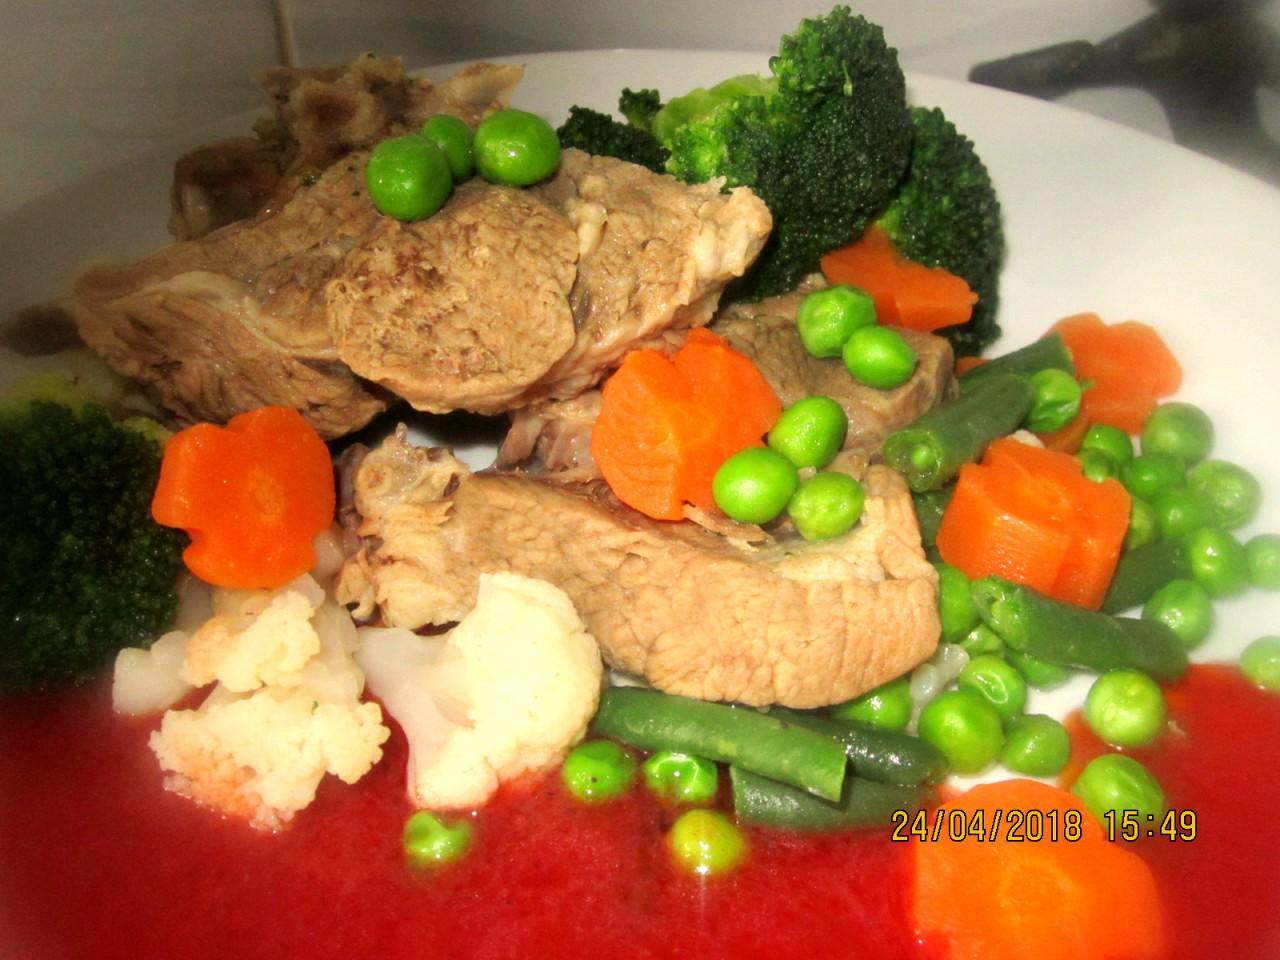 Рецепт бараньего шулюма с калиновым соусом.